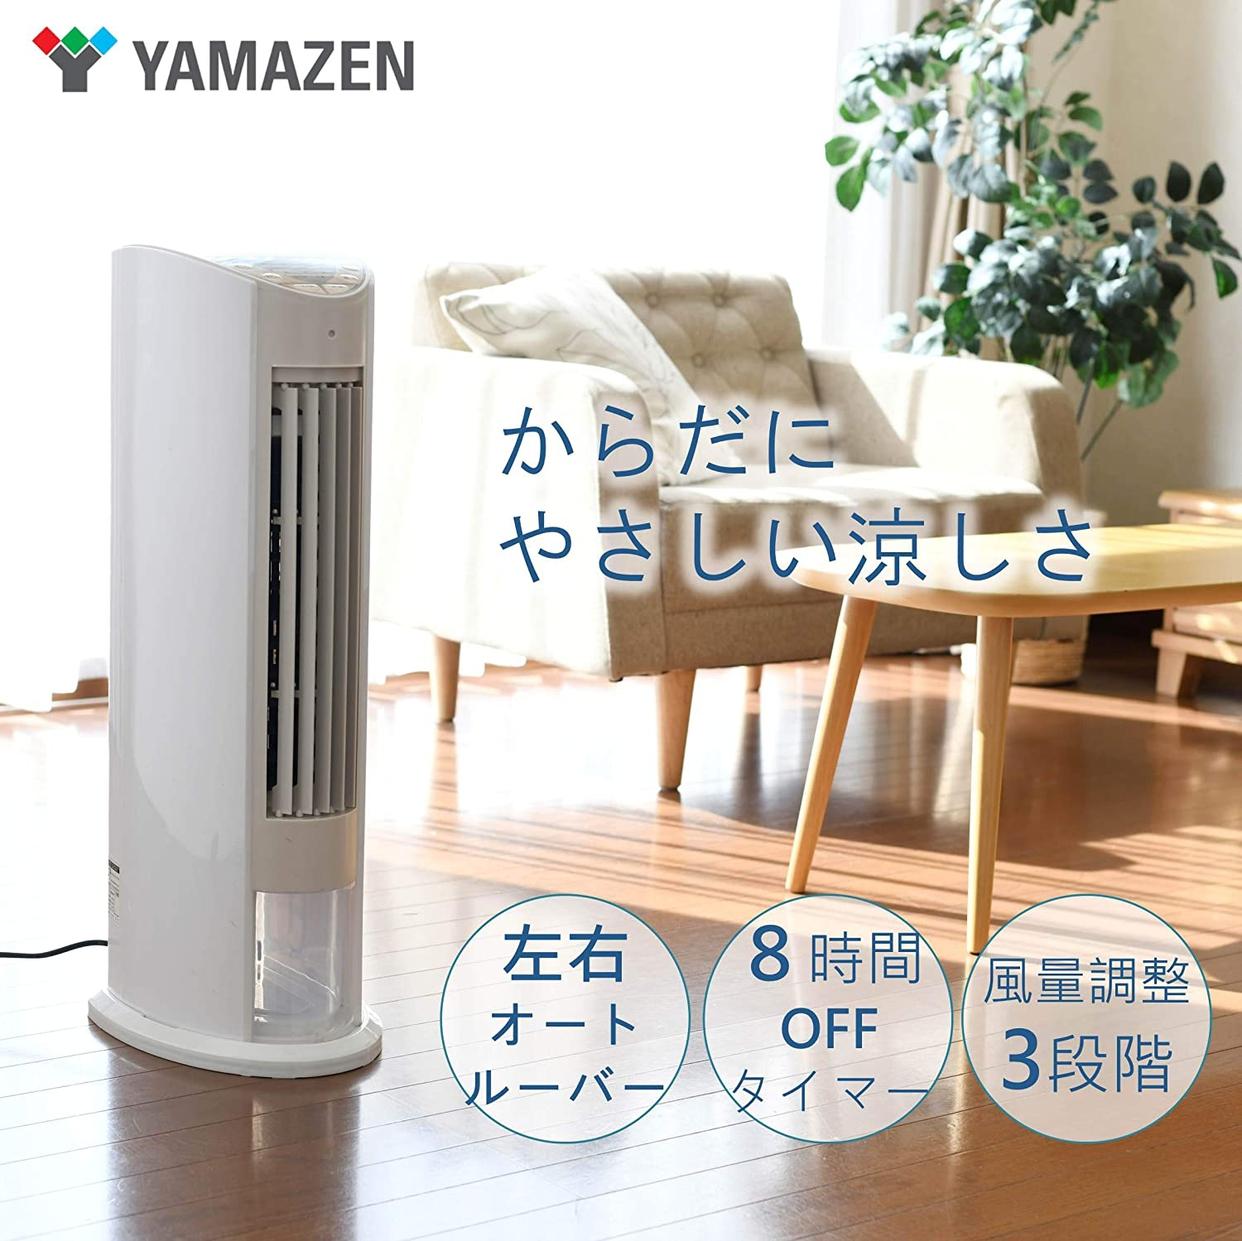 山善(YAMAZEN) 冷風扇 FCR-D405の商品画像2